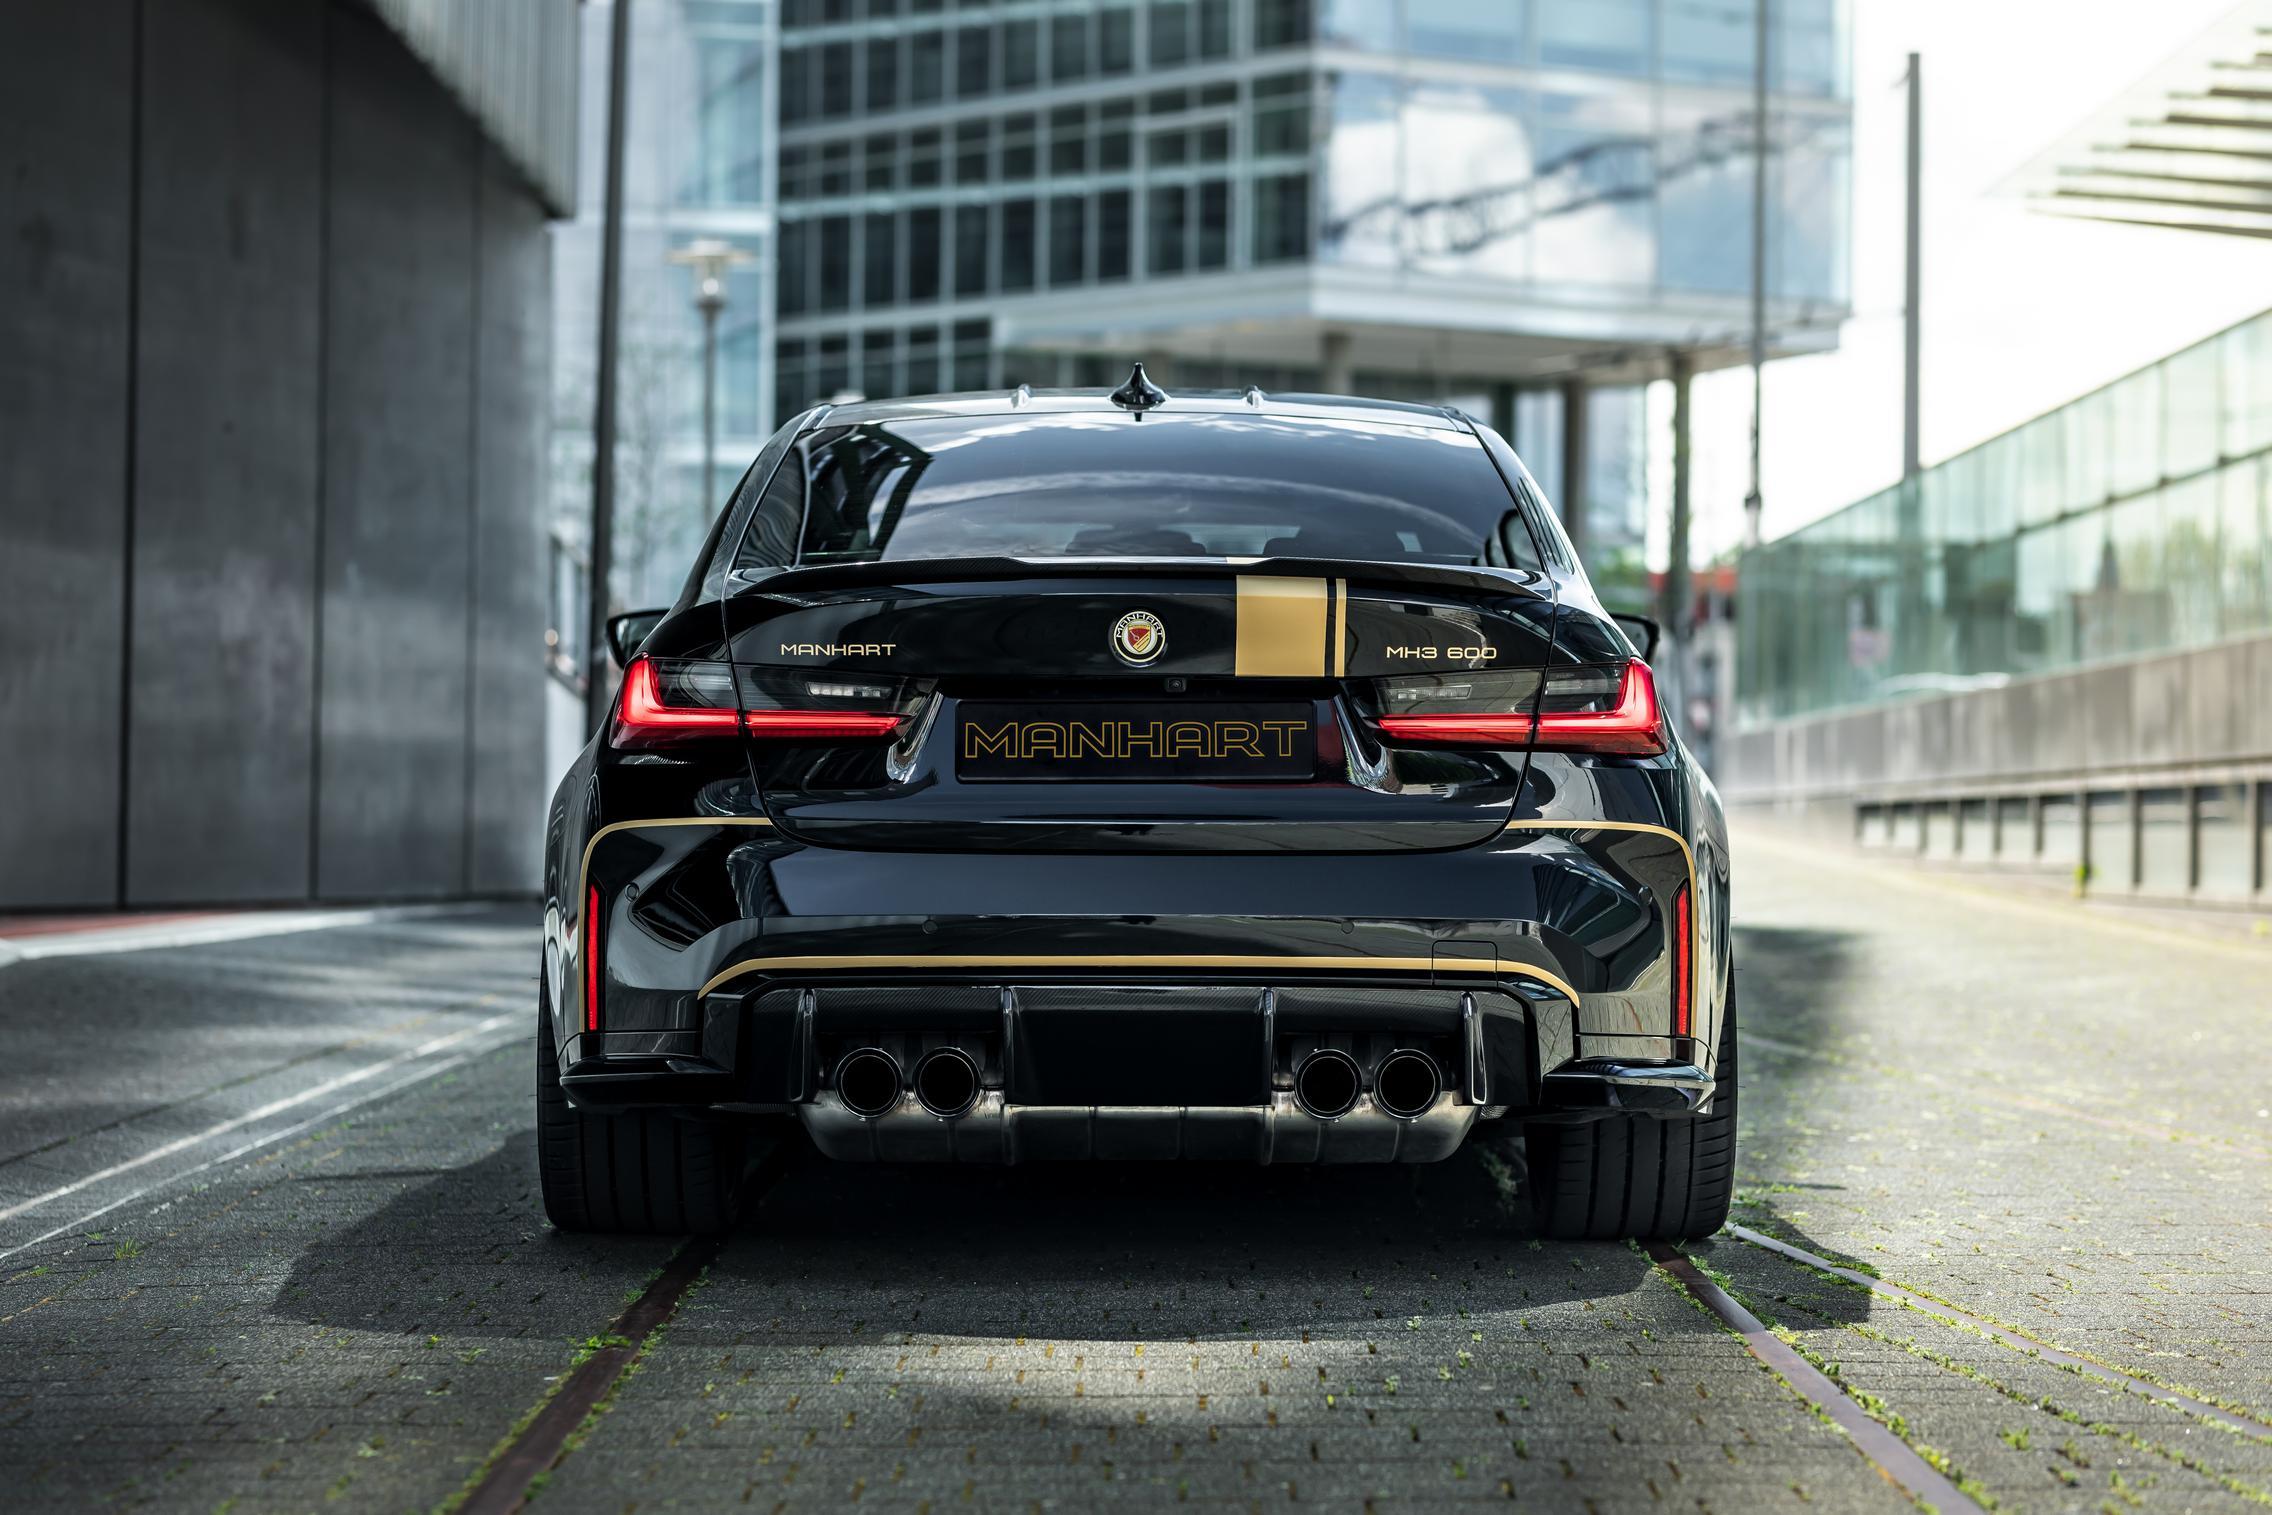 2021 BMW M3 Rear